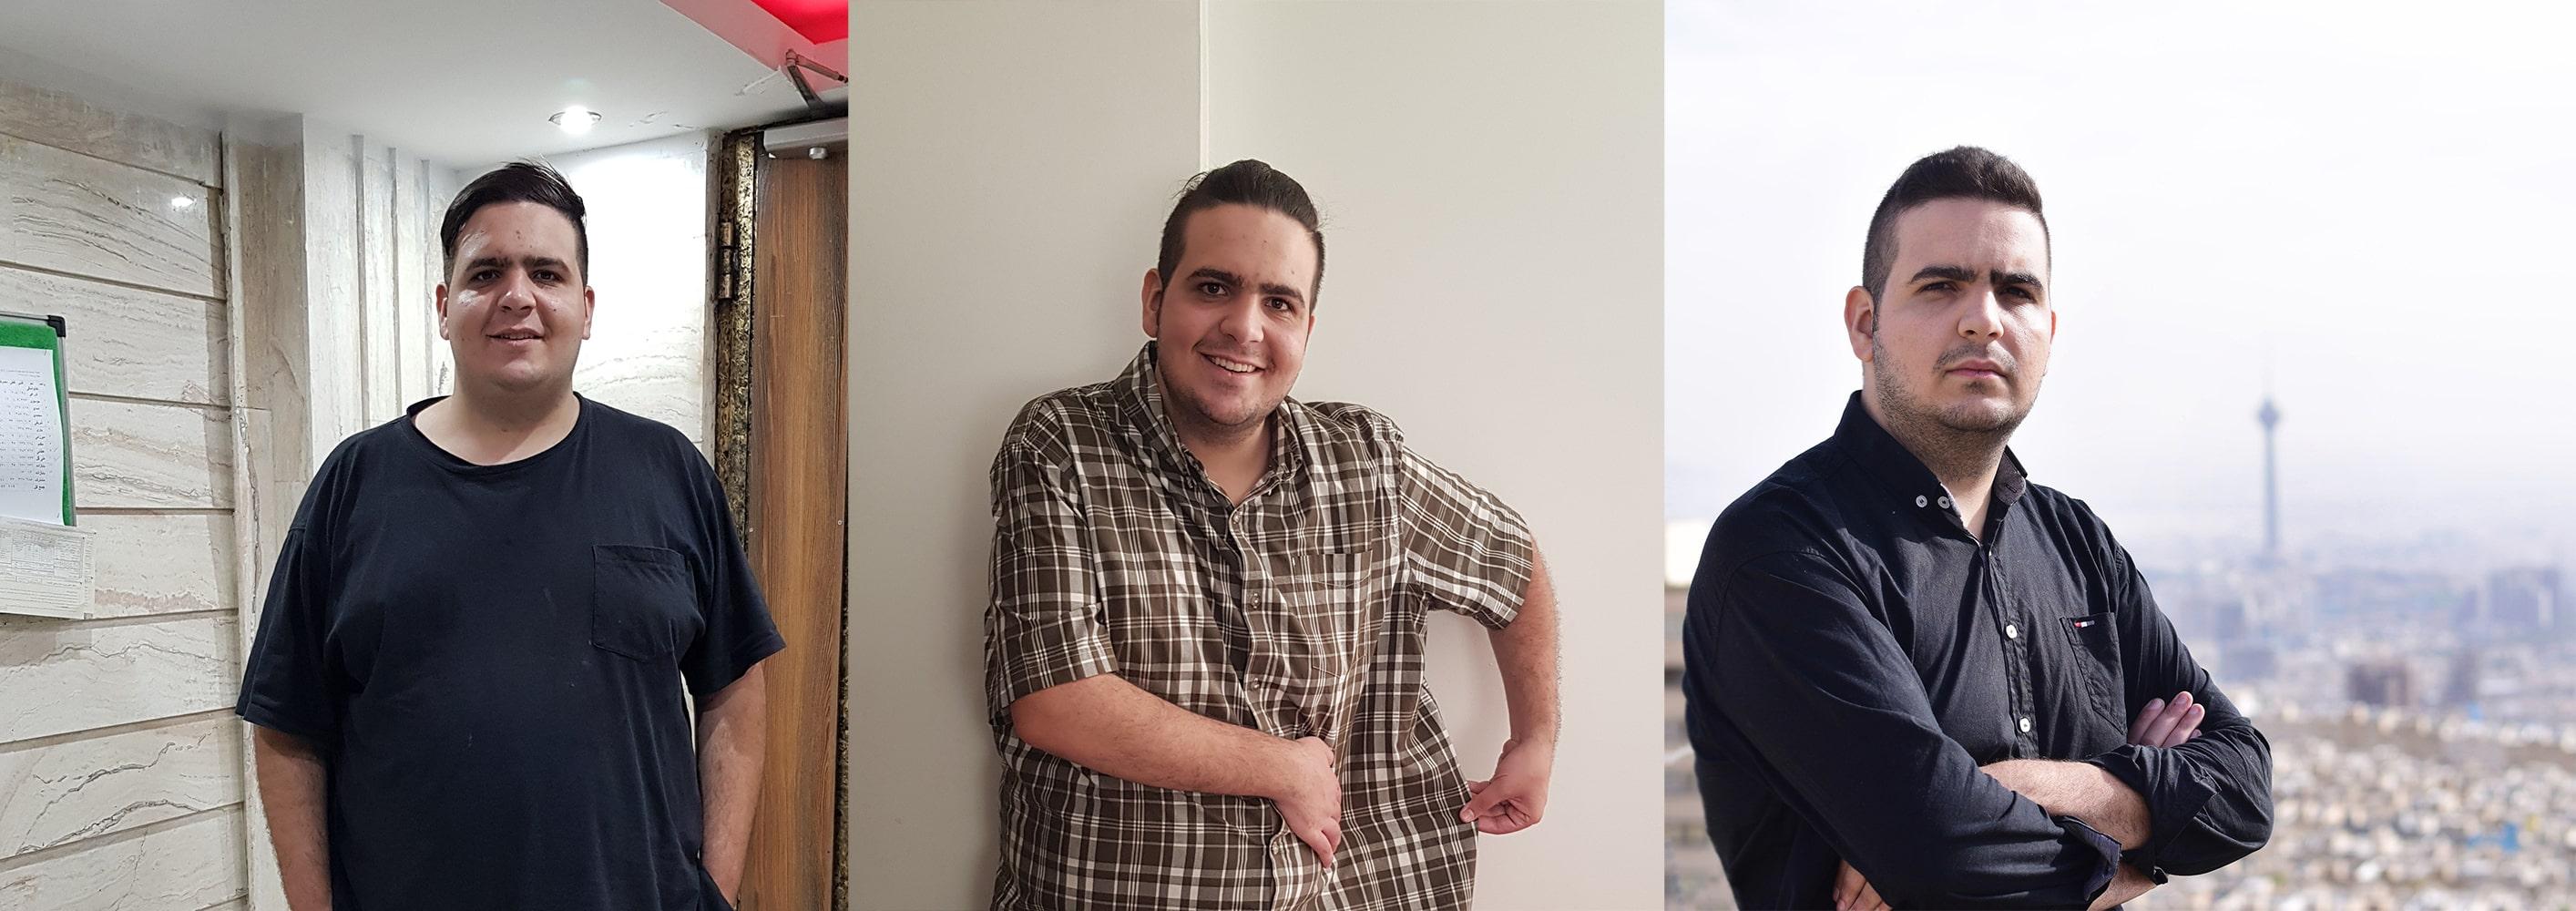 نامهای سرگشاده به تمام چاقها: چاقی را بپذیرید تا راحتتر لاغر کنید!